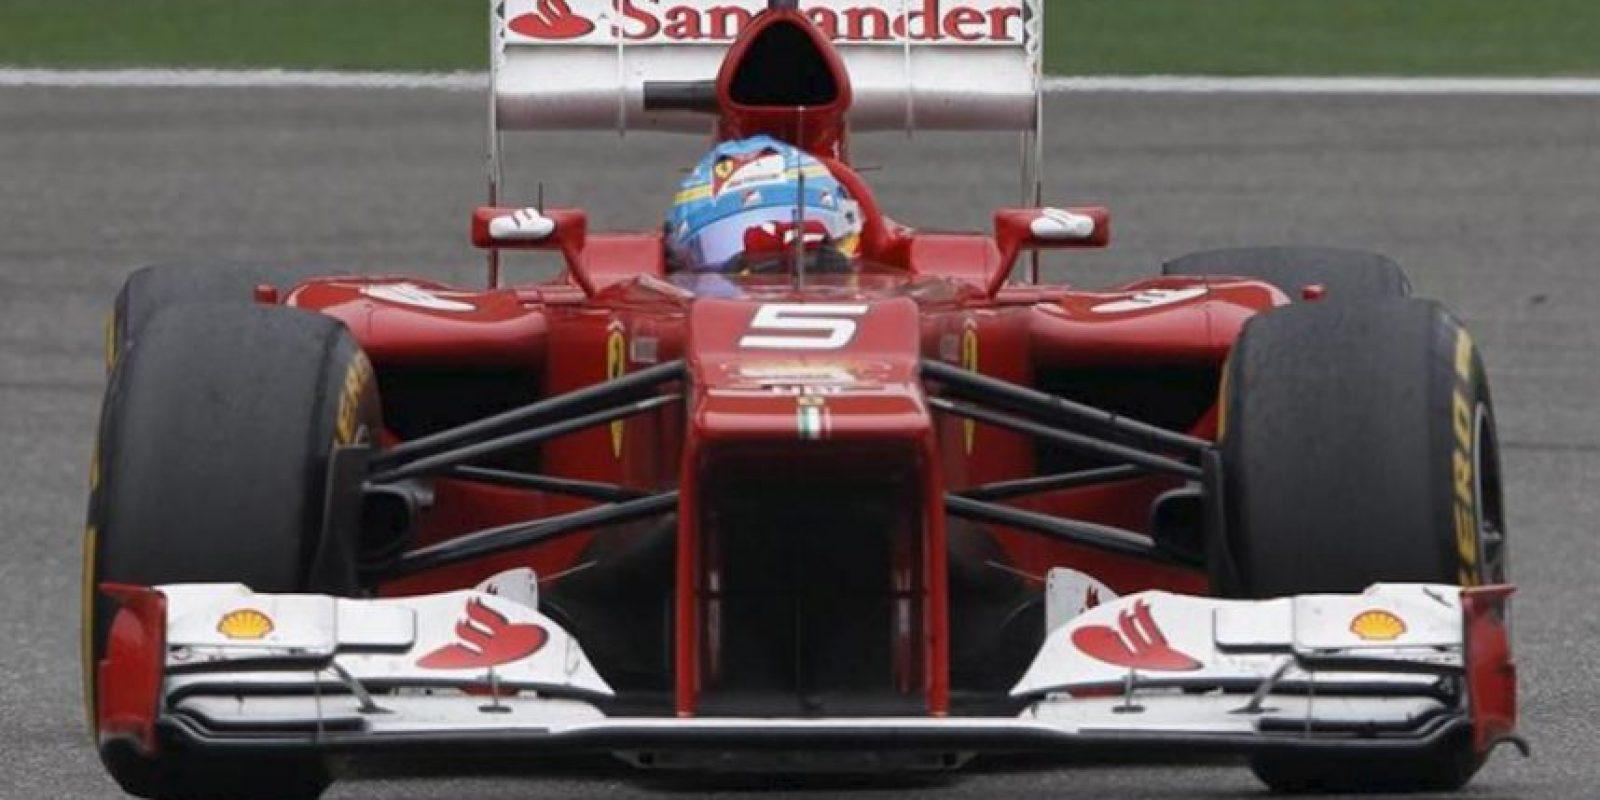 El piloto español de Fórmula Uno Fernando Alonso, de Ferrari, conduce su monoplaza durante la carrera del Gran Premio de China en el circuito internacional de Shangái (China). EFE